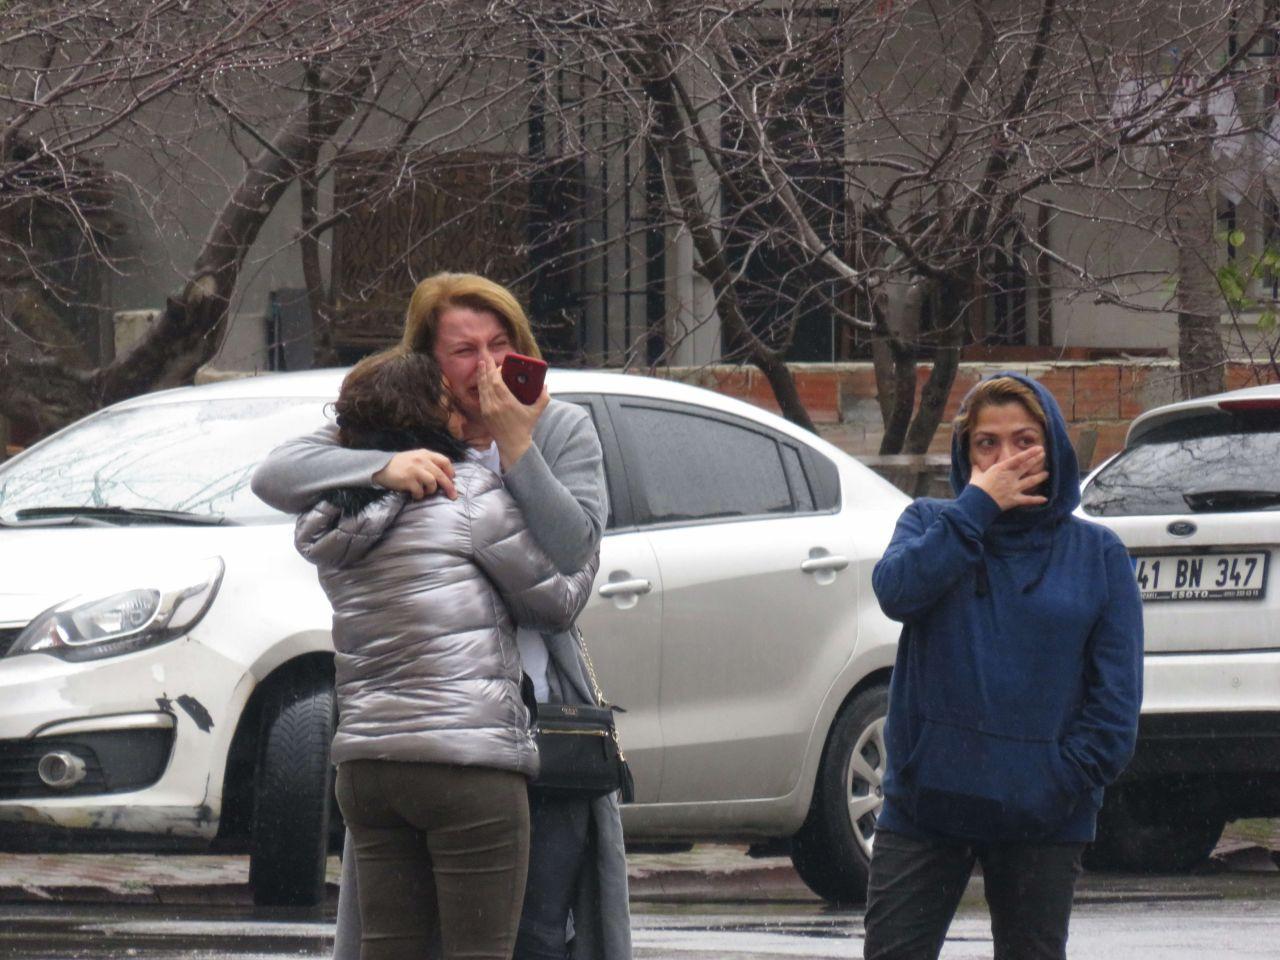 Ümraniye'de öldürülen kadının katili bakın kim çıktı! - Sayfa 3